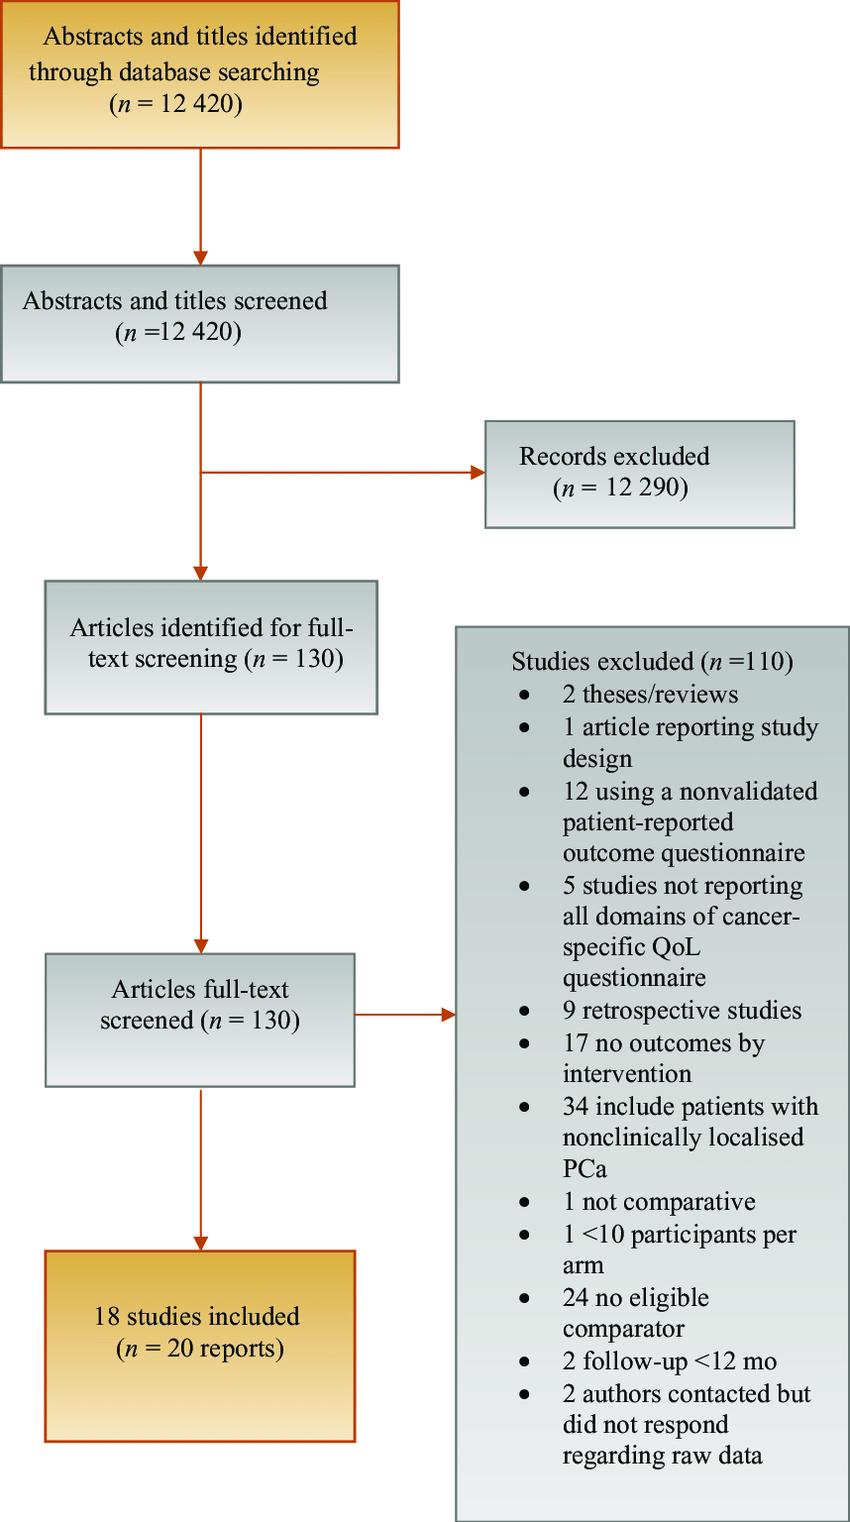 medium resolution of prisma flow diagram qol quality of life pca prostate cancer